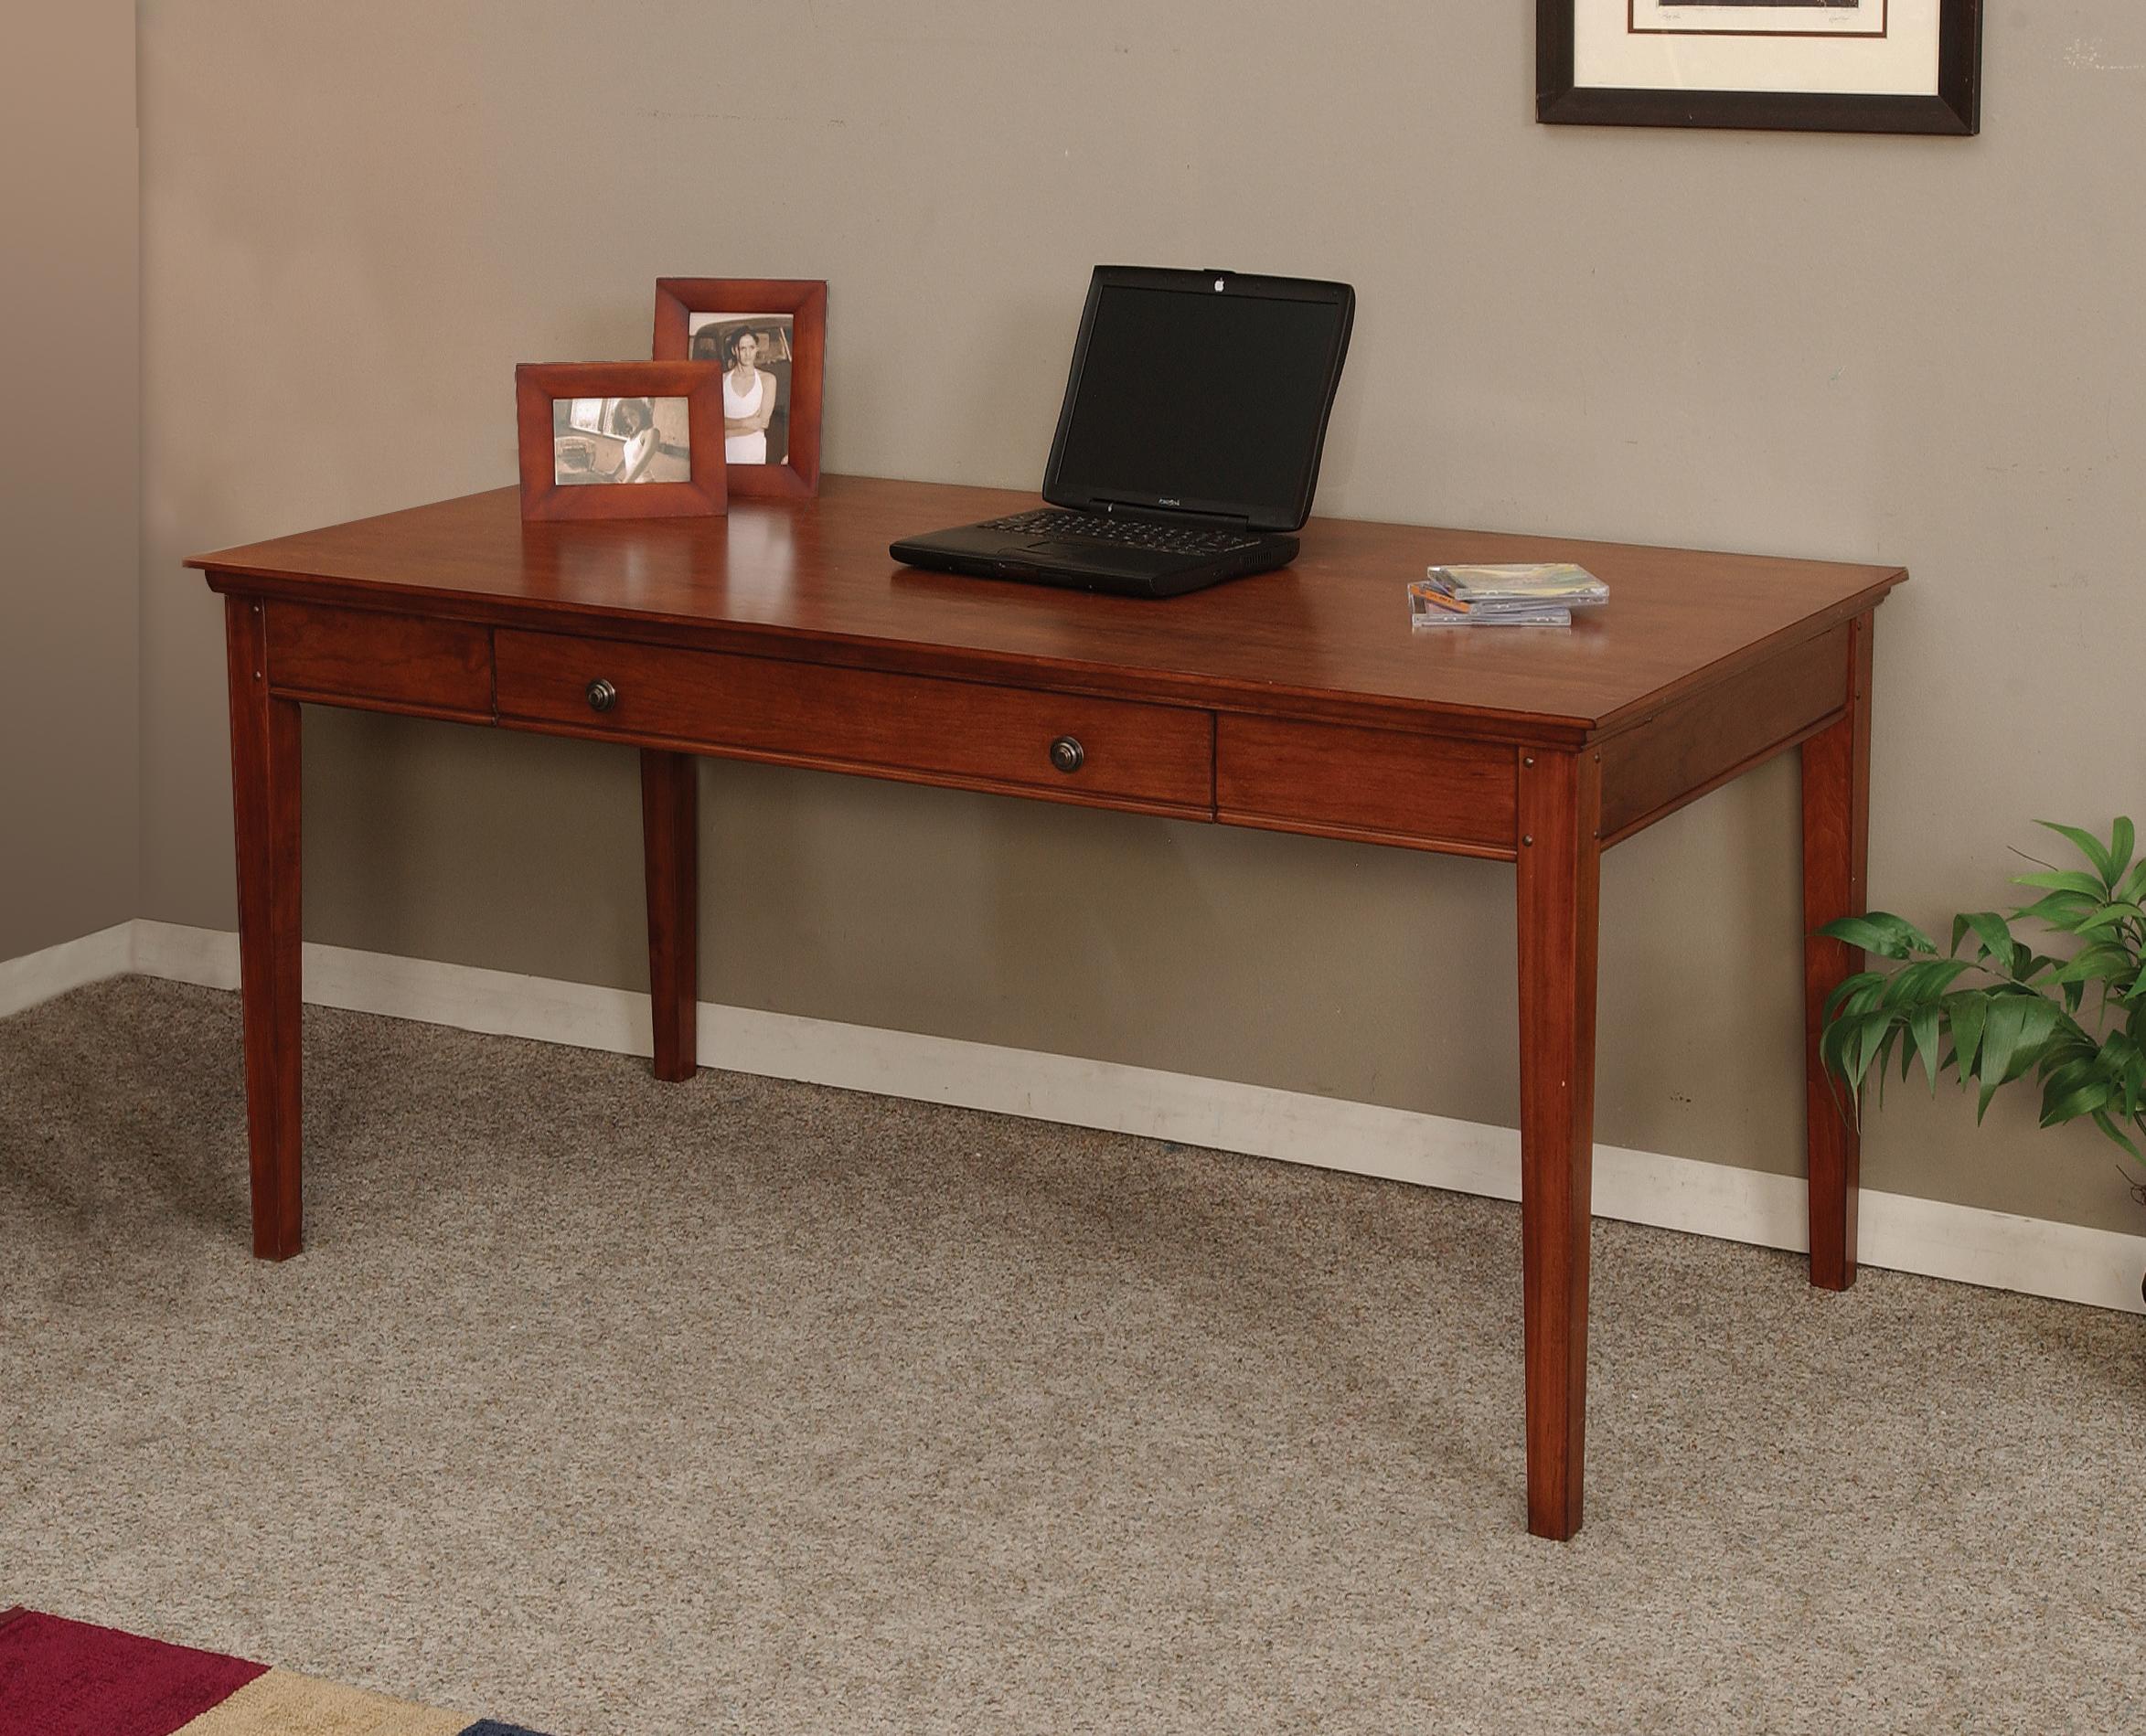 Furniture fice Furniture fice Desk 60 inches